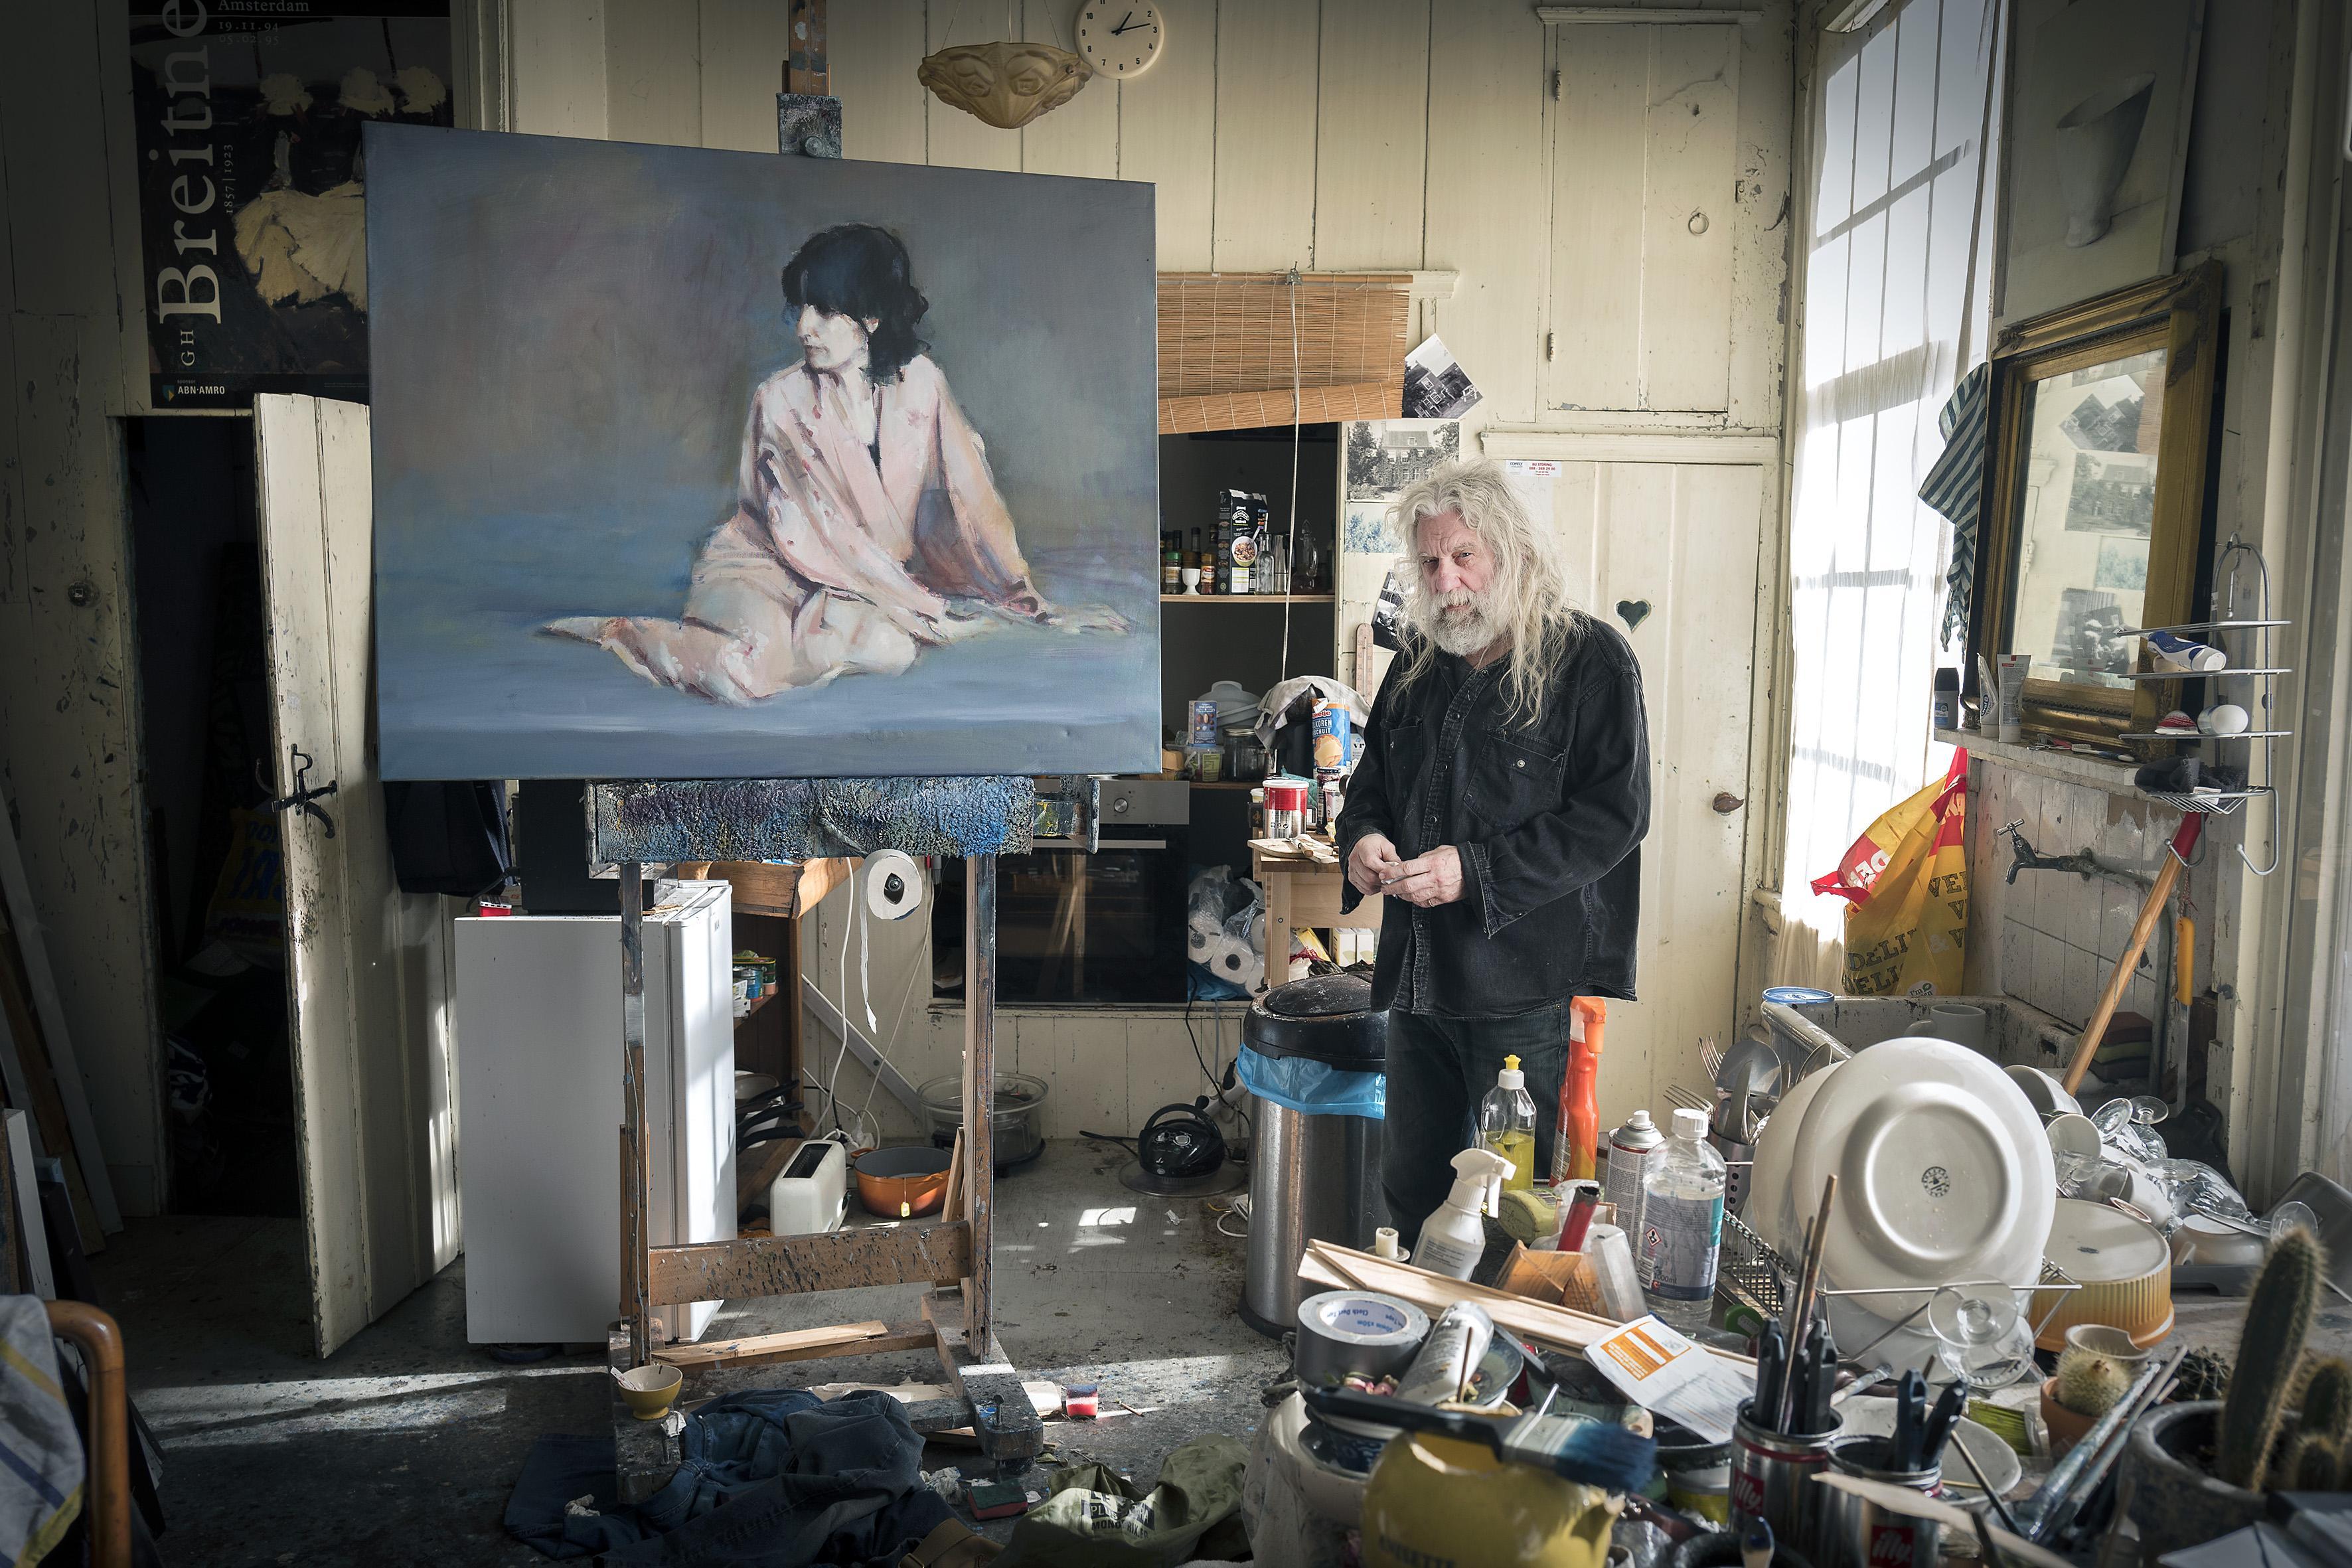 Kunstenaar Leon Spierenburg exposeert met familieleden in Spaarndam, maar ijdelheid ho maar